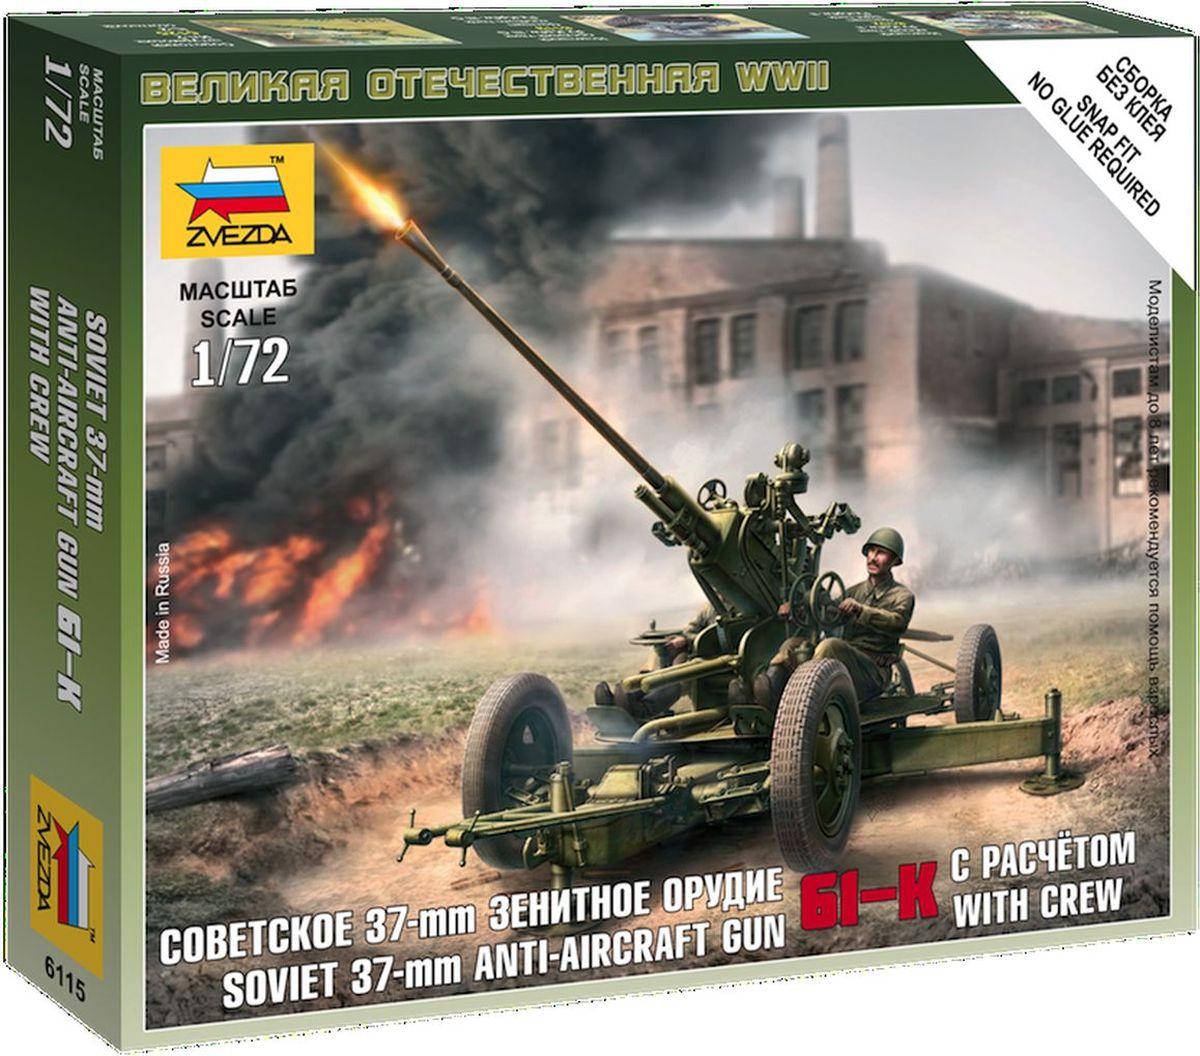 Звезда Сборная модель Советское 37-мм зенитное орудие 61-К с расчетом для огорода орудия труда